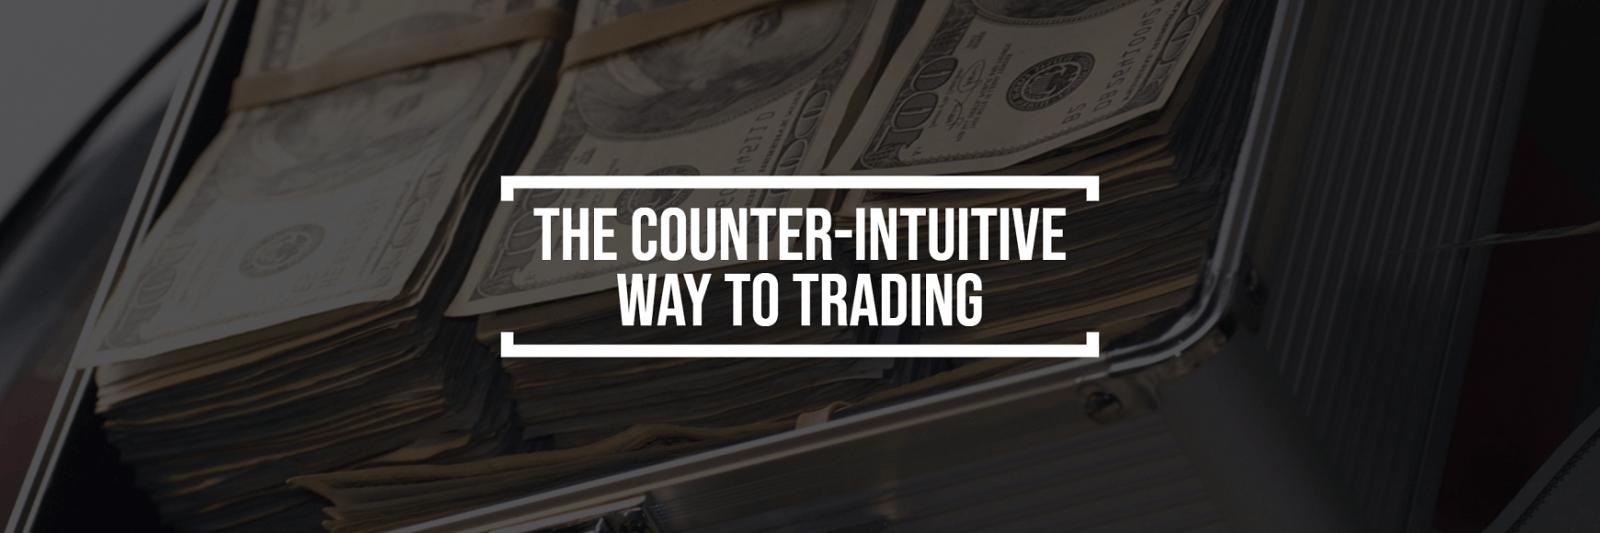 Der counter-intuitive Weg zum Handel